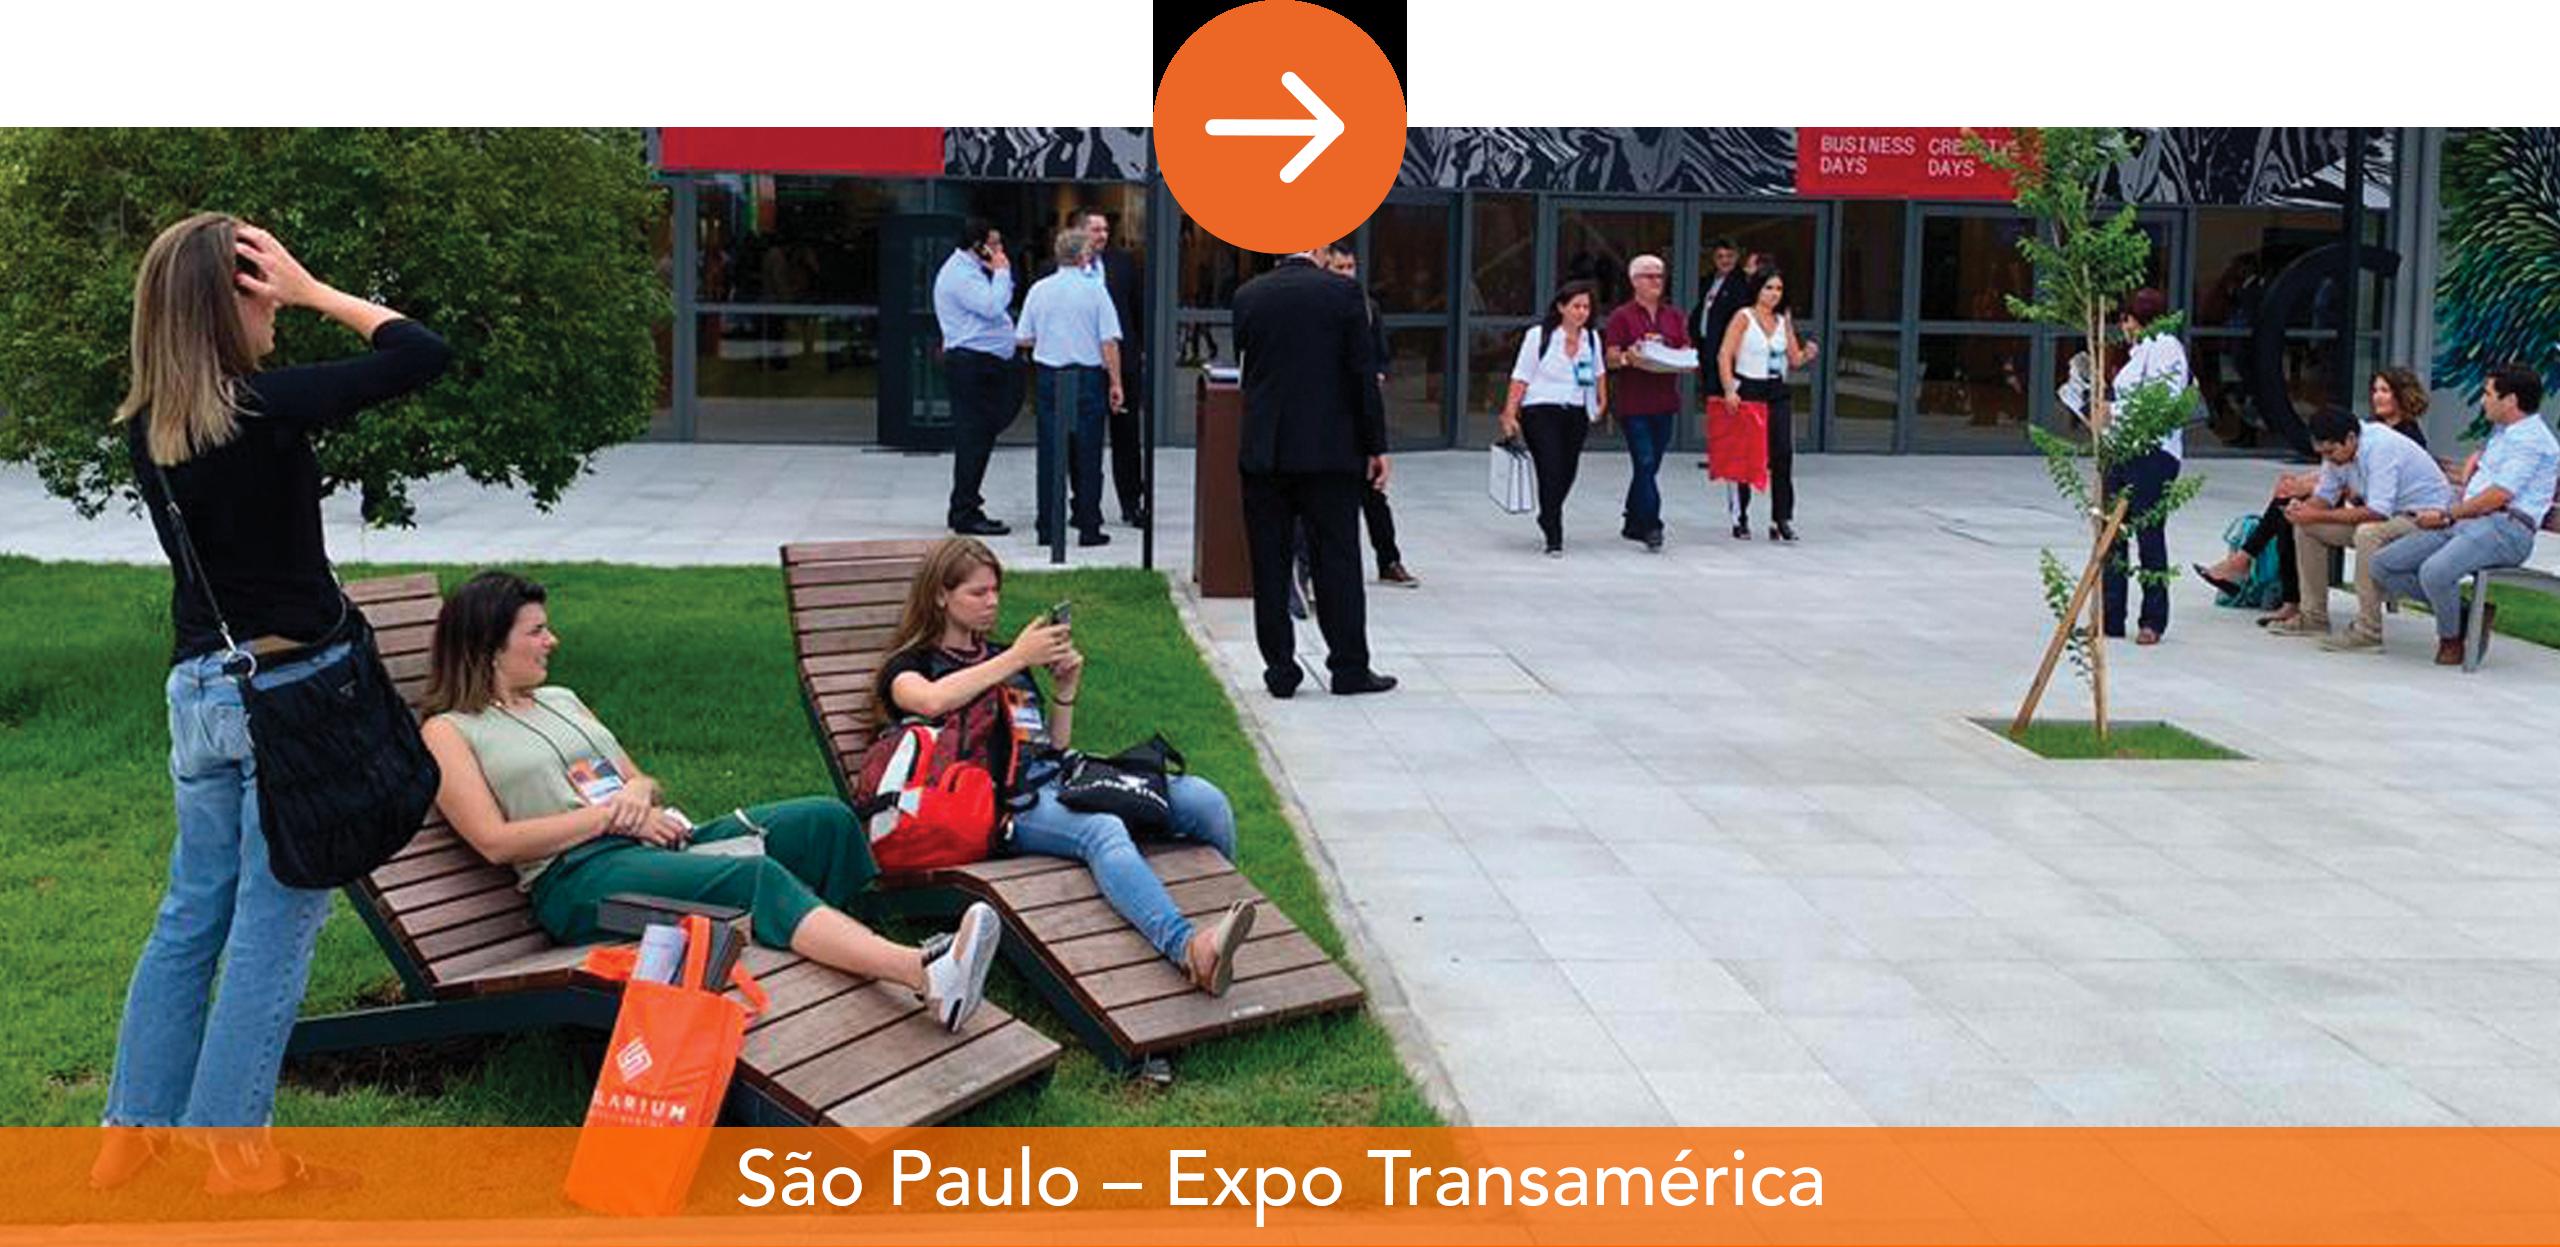 São Paulo – Expo Transamérica